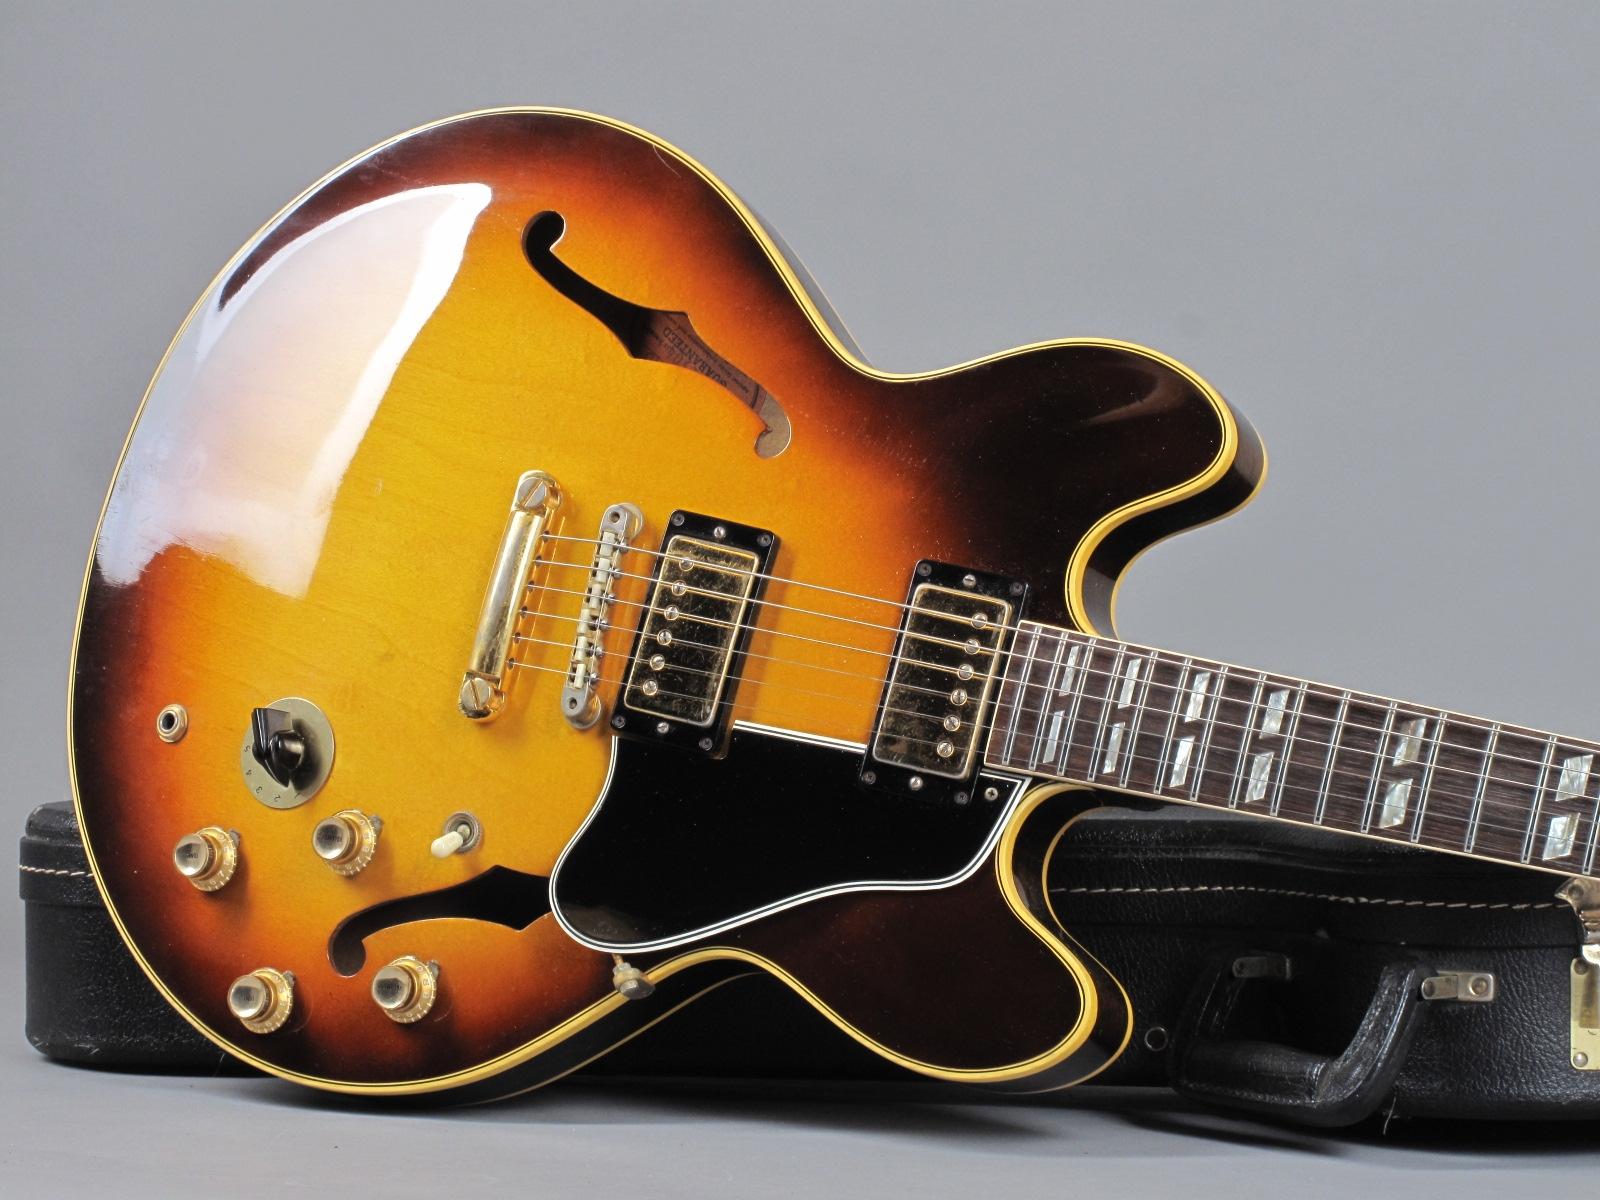 https://guitarpoint.de/app/uploads/products/1966-gibson-es-345-tdsv-stereo-sunburst-4/1966-Gibson-ES-345-TDSV-Sunburst-811304-19.jpg